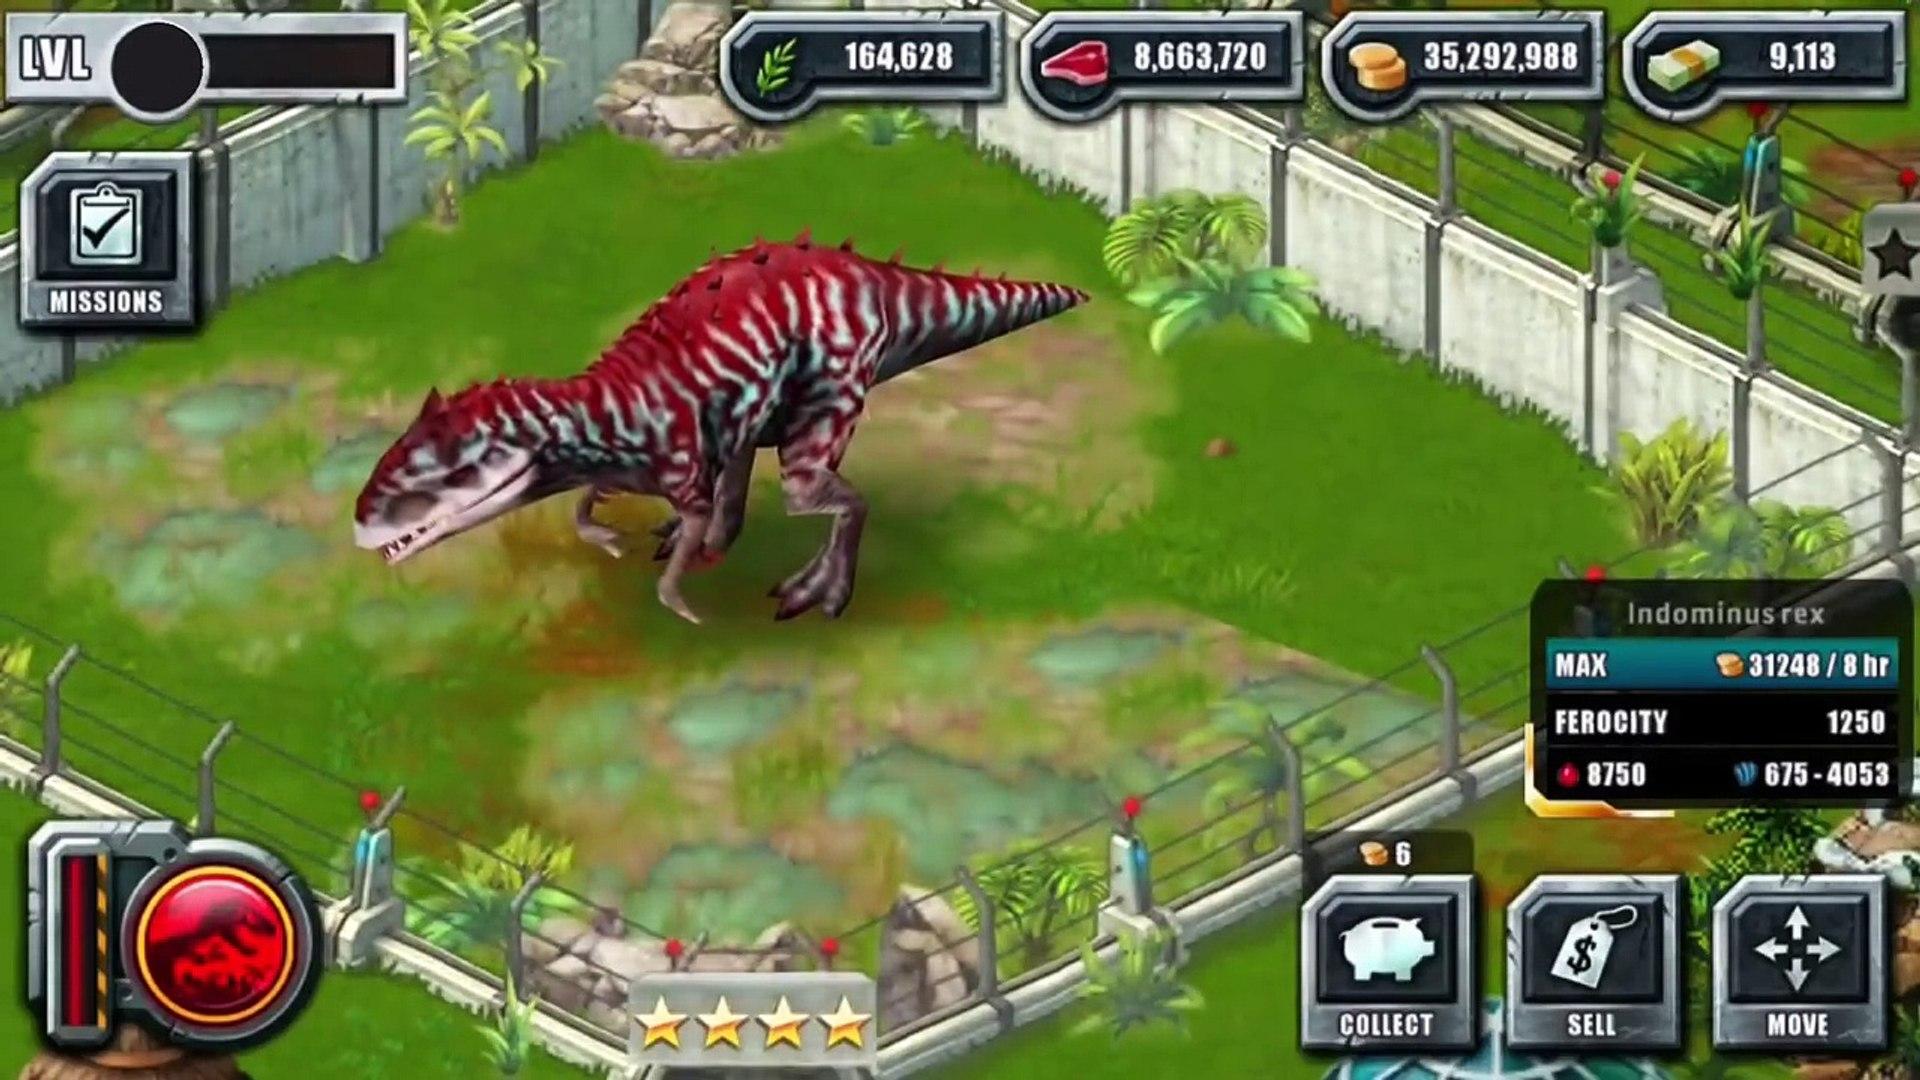 INDOMINUS REX Max LEVEL 40 - Jurassic Park Builder